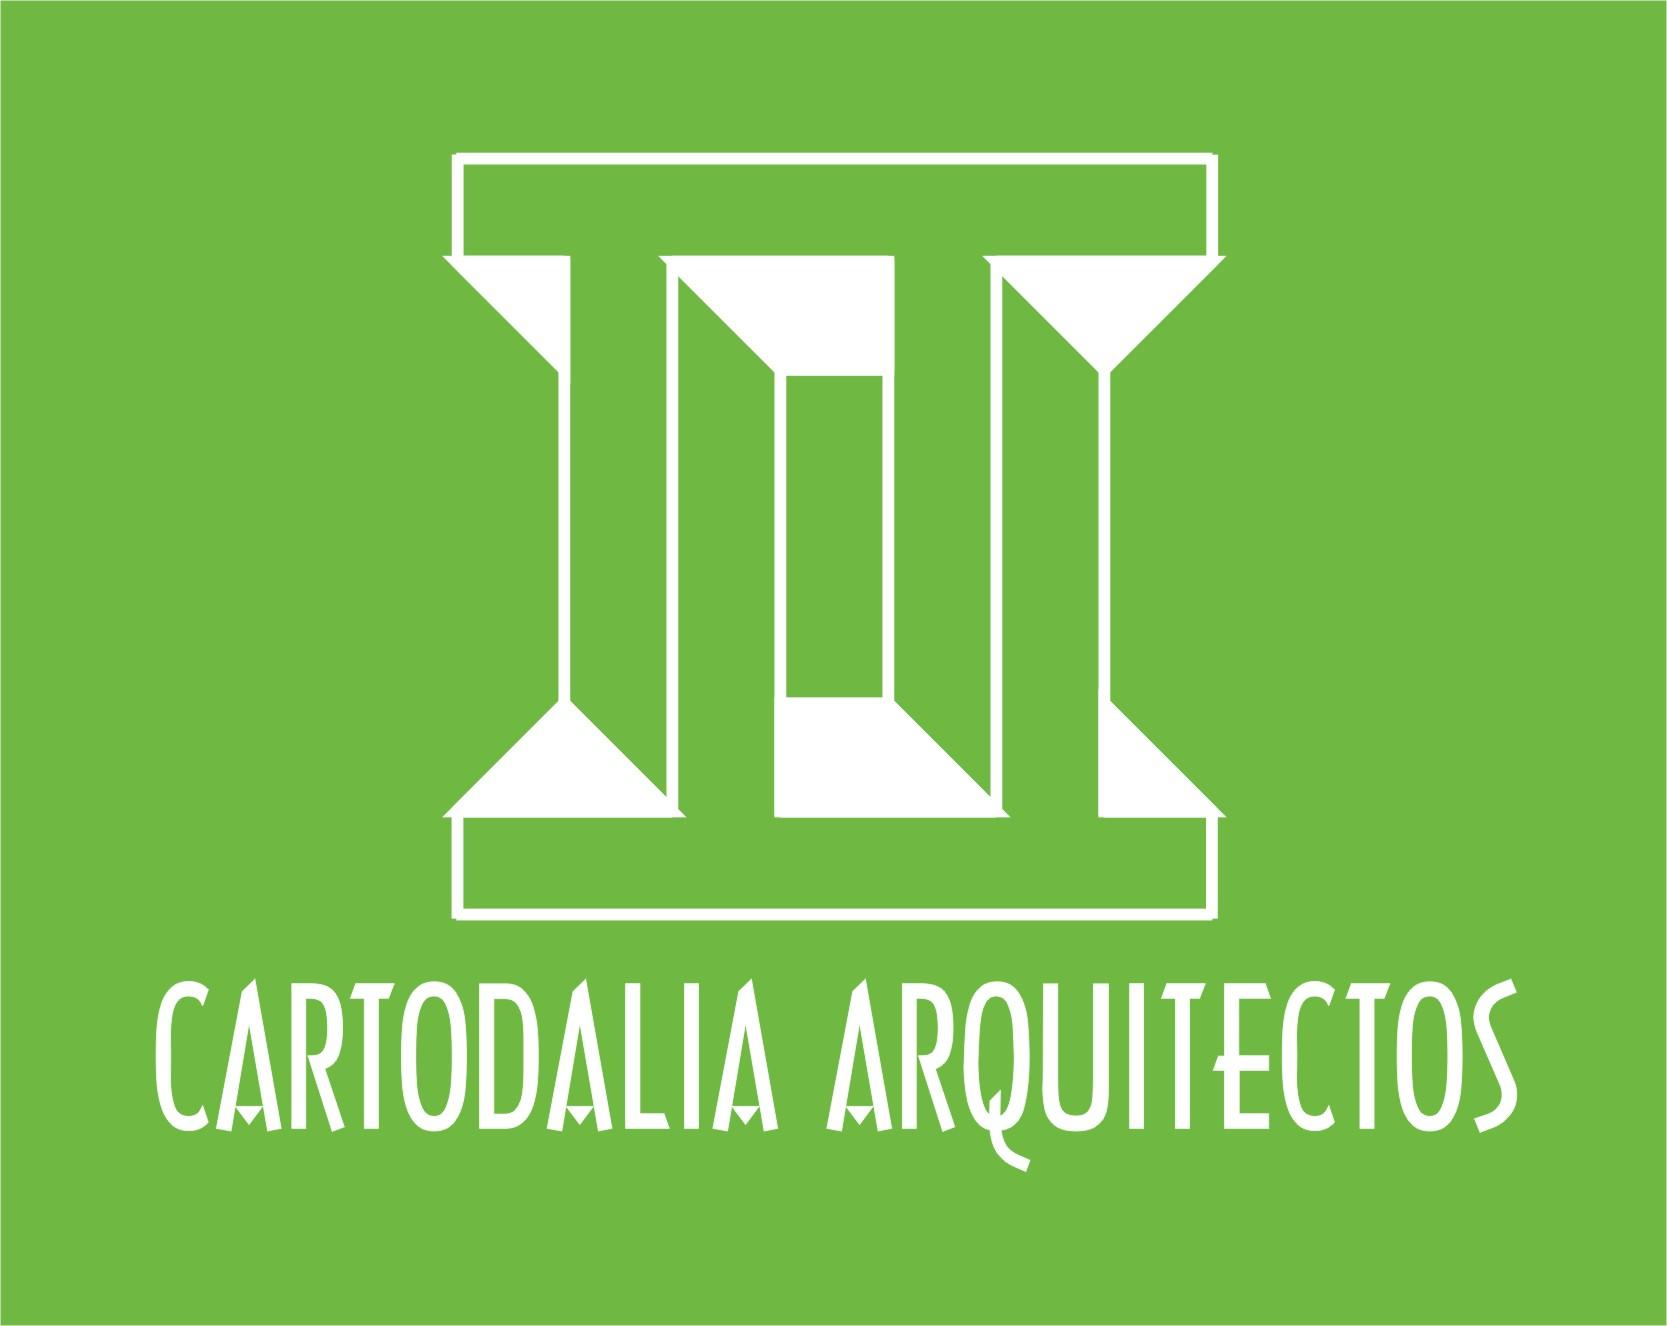 Proyectos de cartodalia arquitectos s l p profesional - Necesito un arquitecto ...